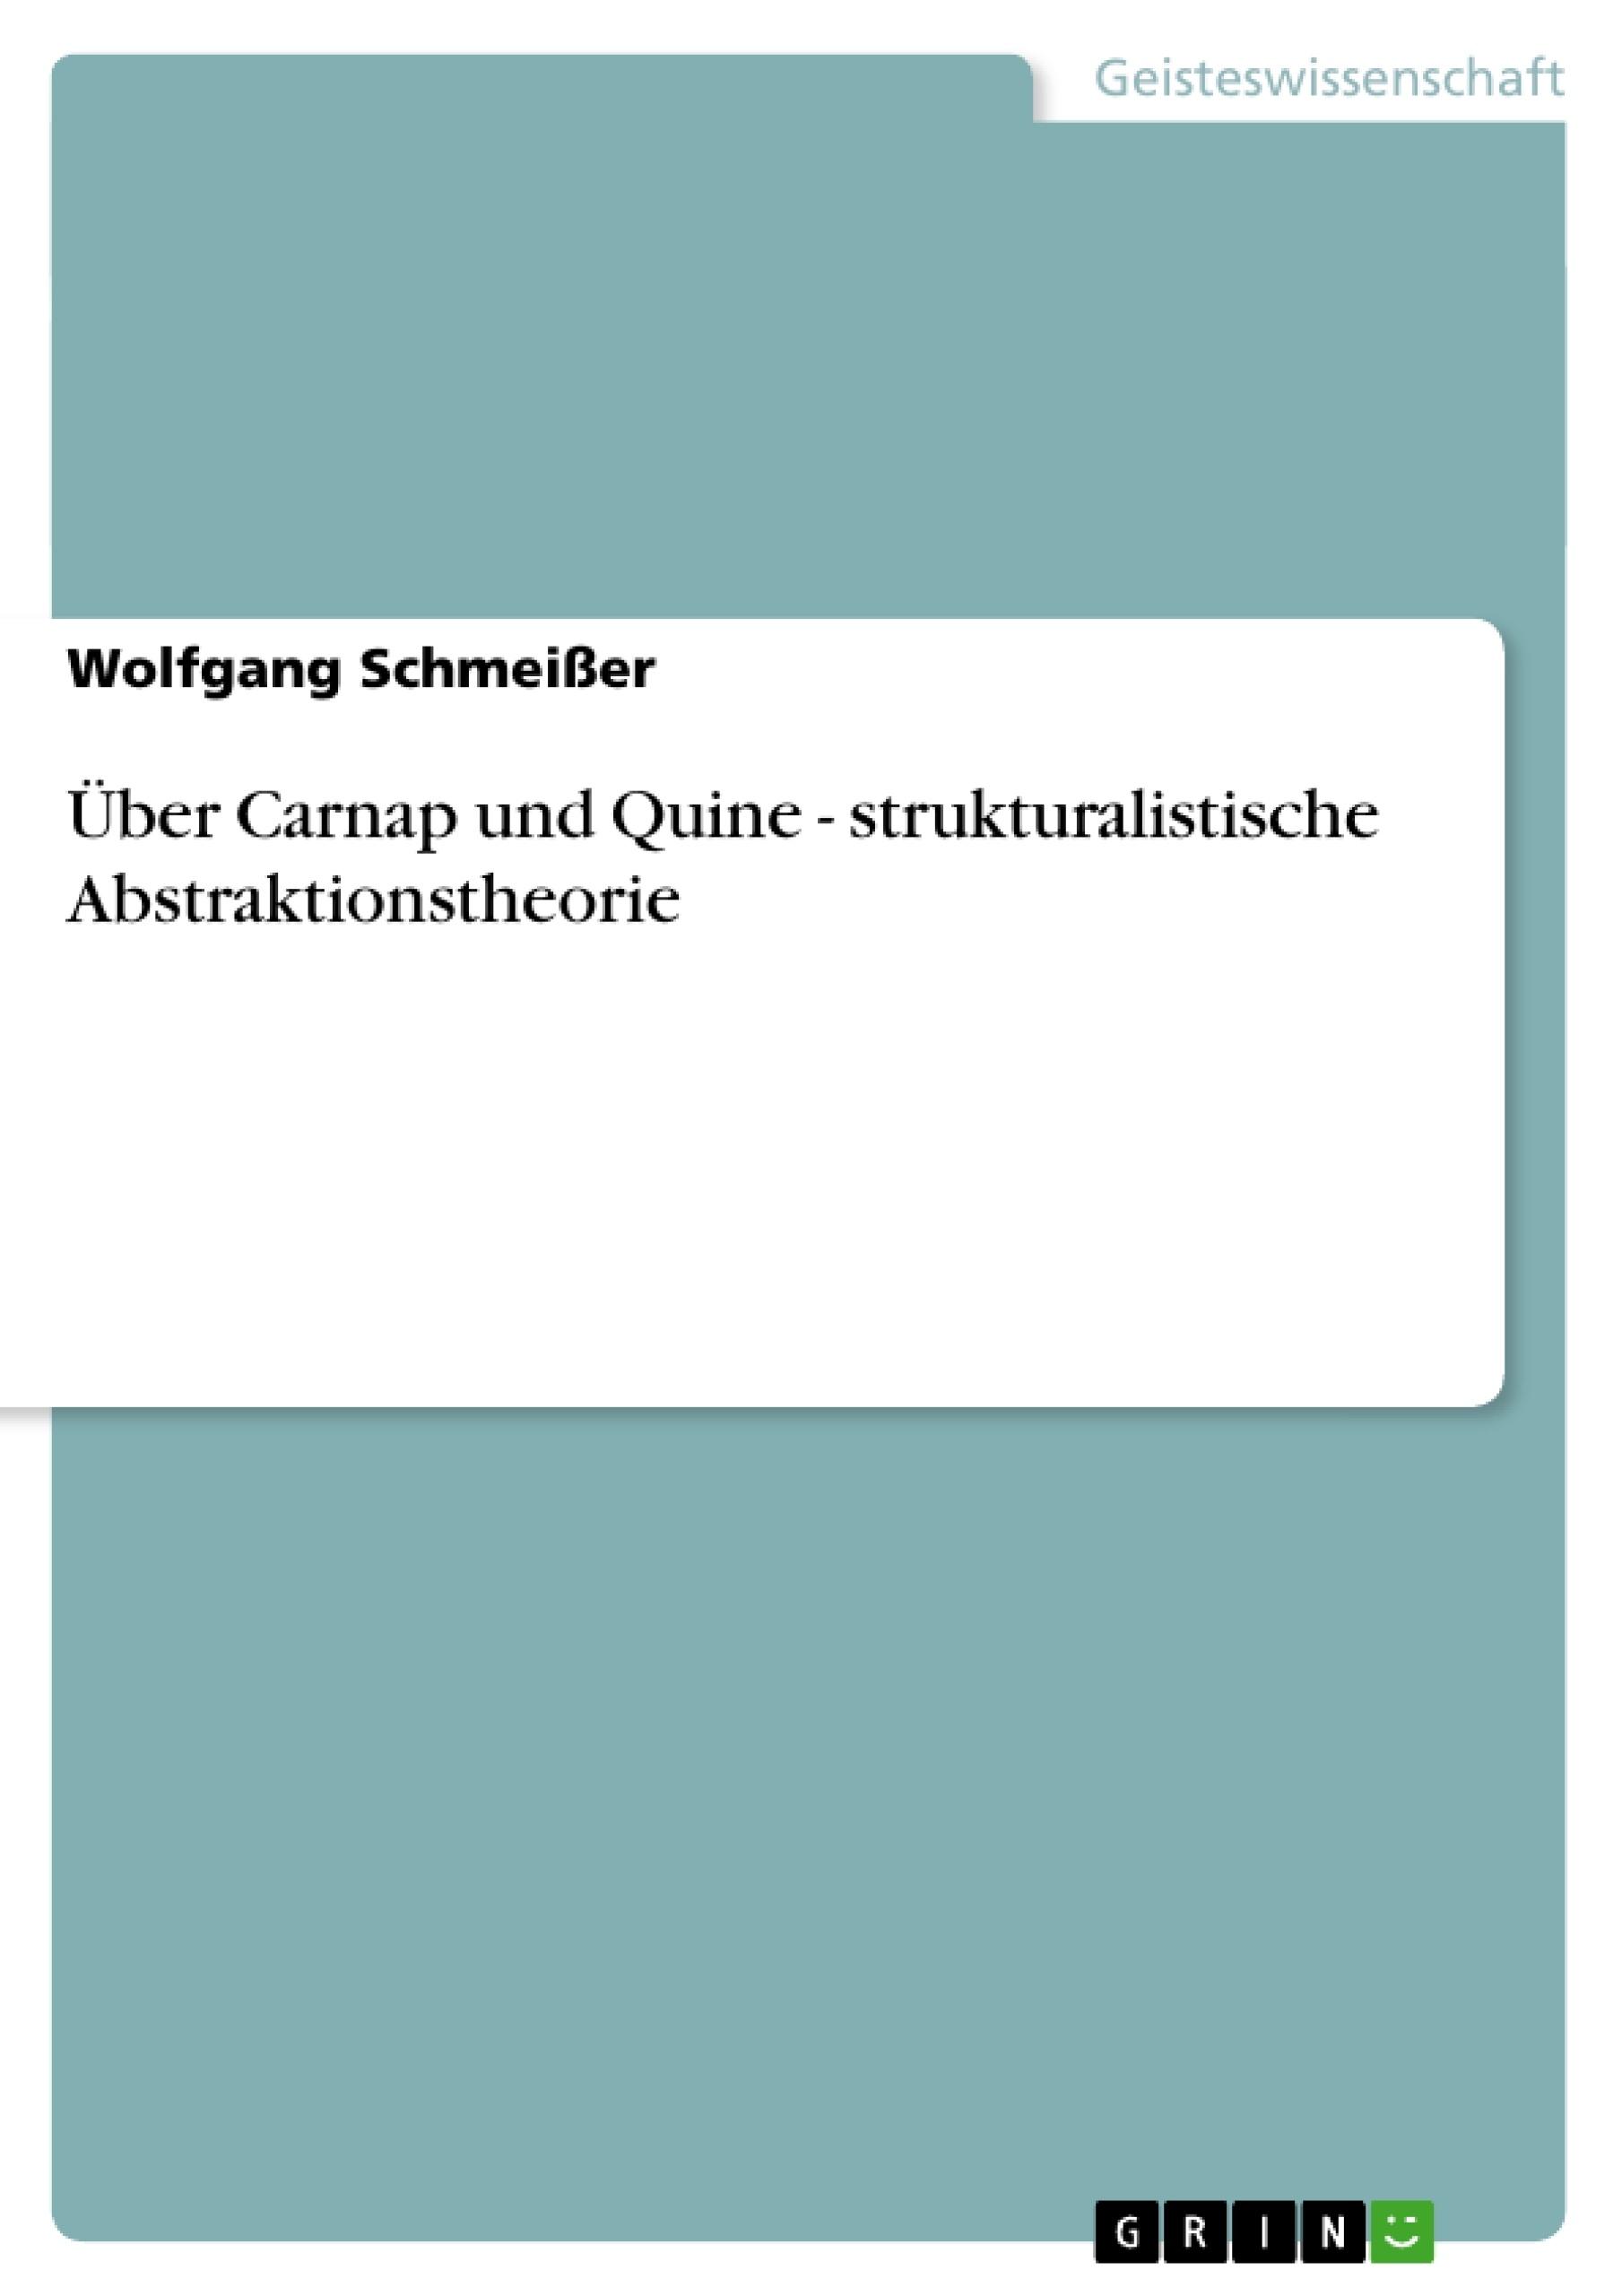 Titel: Über Carnap und Quine - strukturalistische Abstraktionstheorie